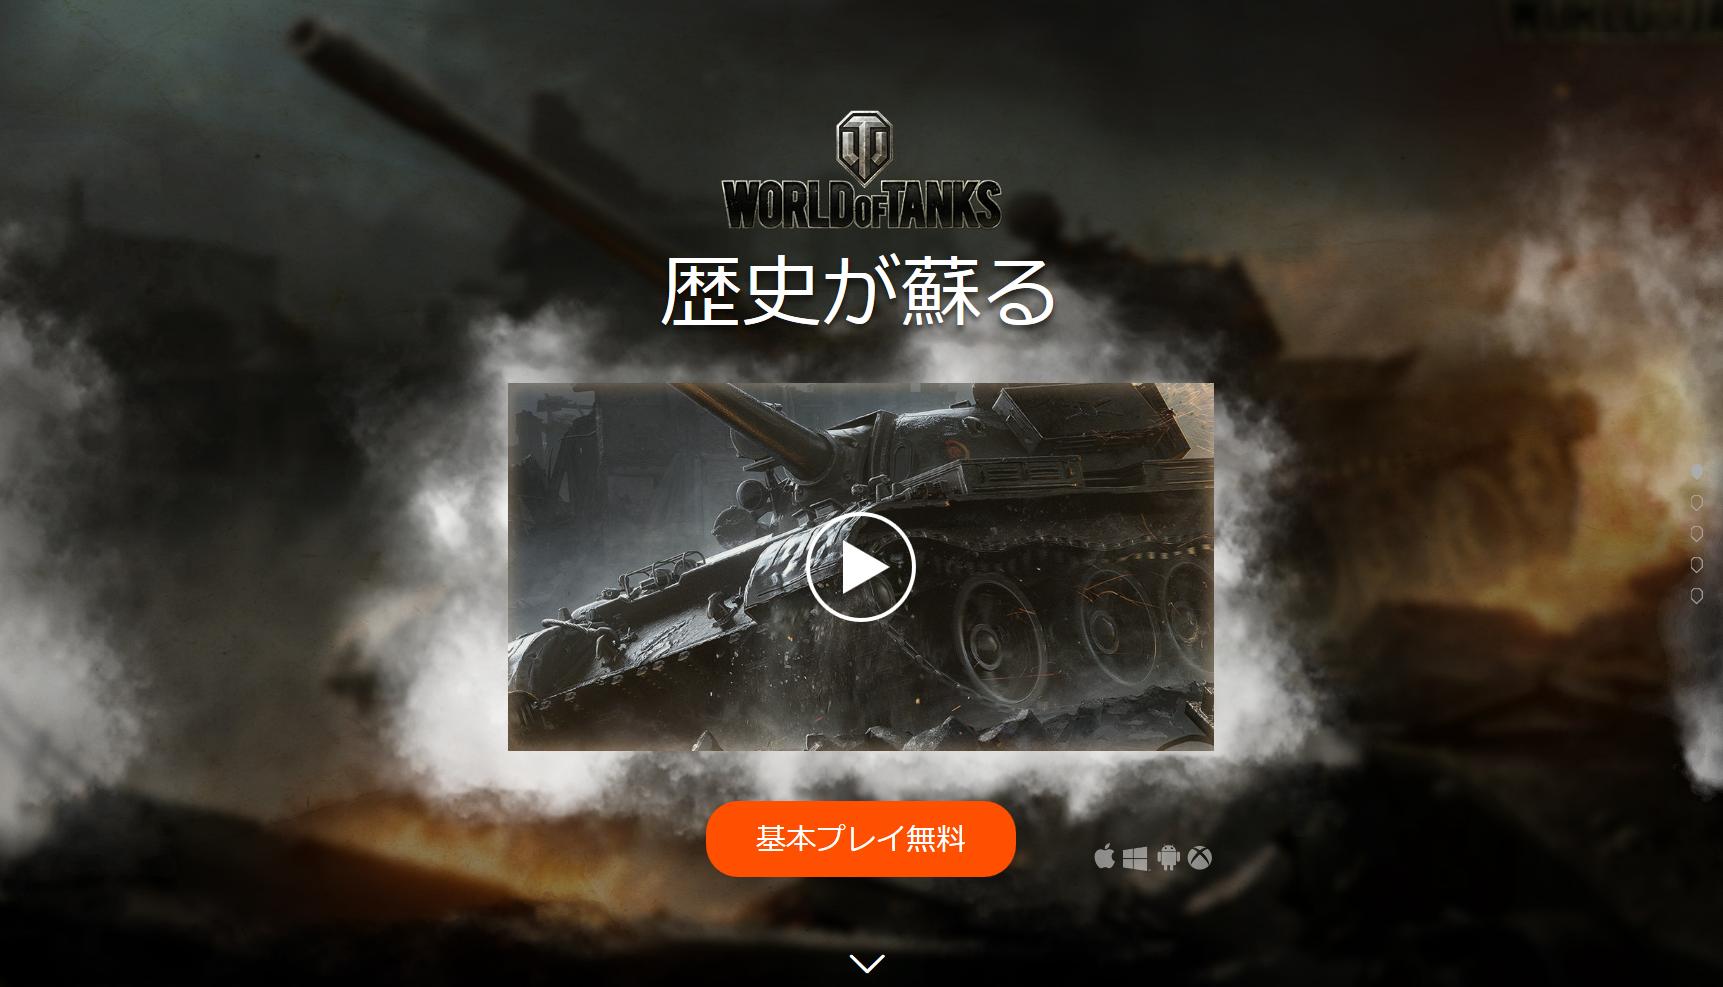 World of Tanks—基本プレイ無料オンラインタンクバトルゲーム。今すぐダウンロード!